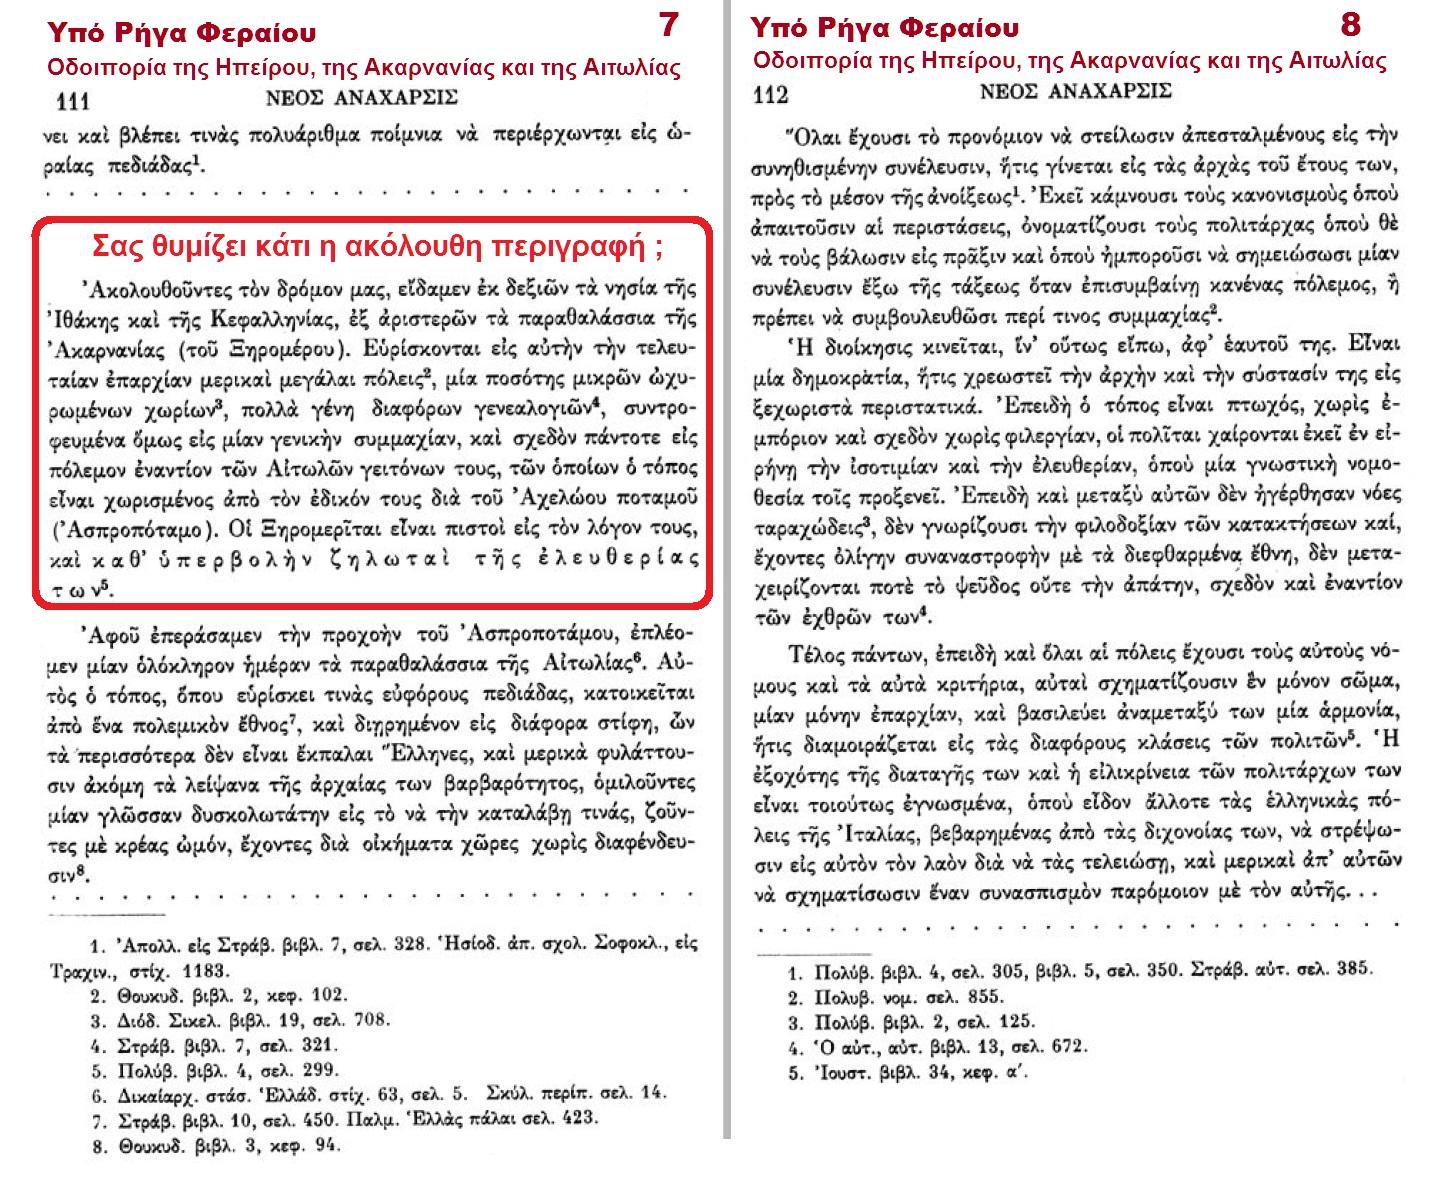 ΟΔΟΙΠΟΡΙΑ ΤΗΣ ΗΠΕΙΡΟΥ ΤΗΣ ΑΚΑΡΝΑΝΙΑΣ ΚΑΙ ΤΗΣ ΑΙΤΩΛΙΑΣ 7-8